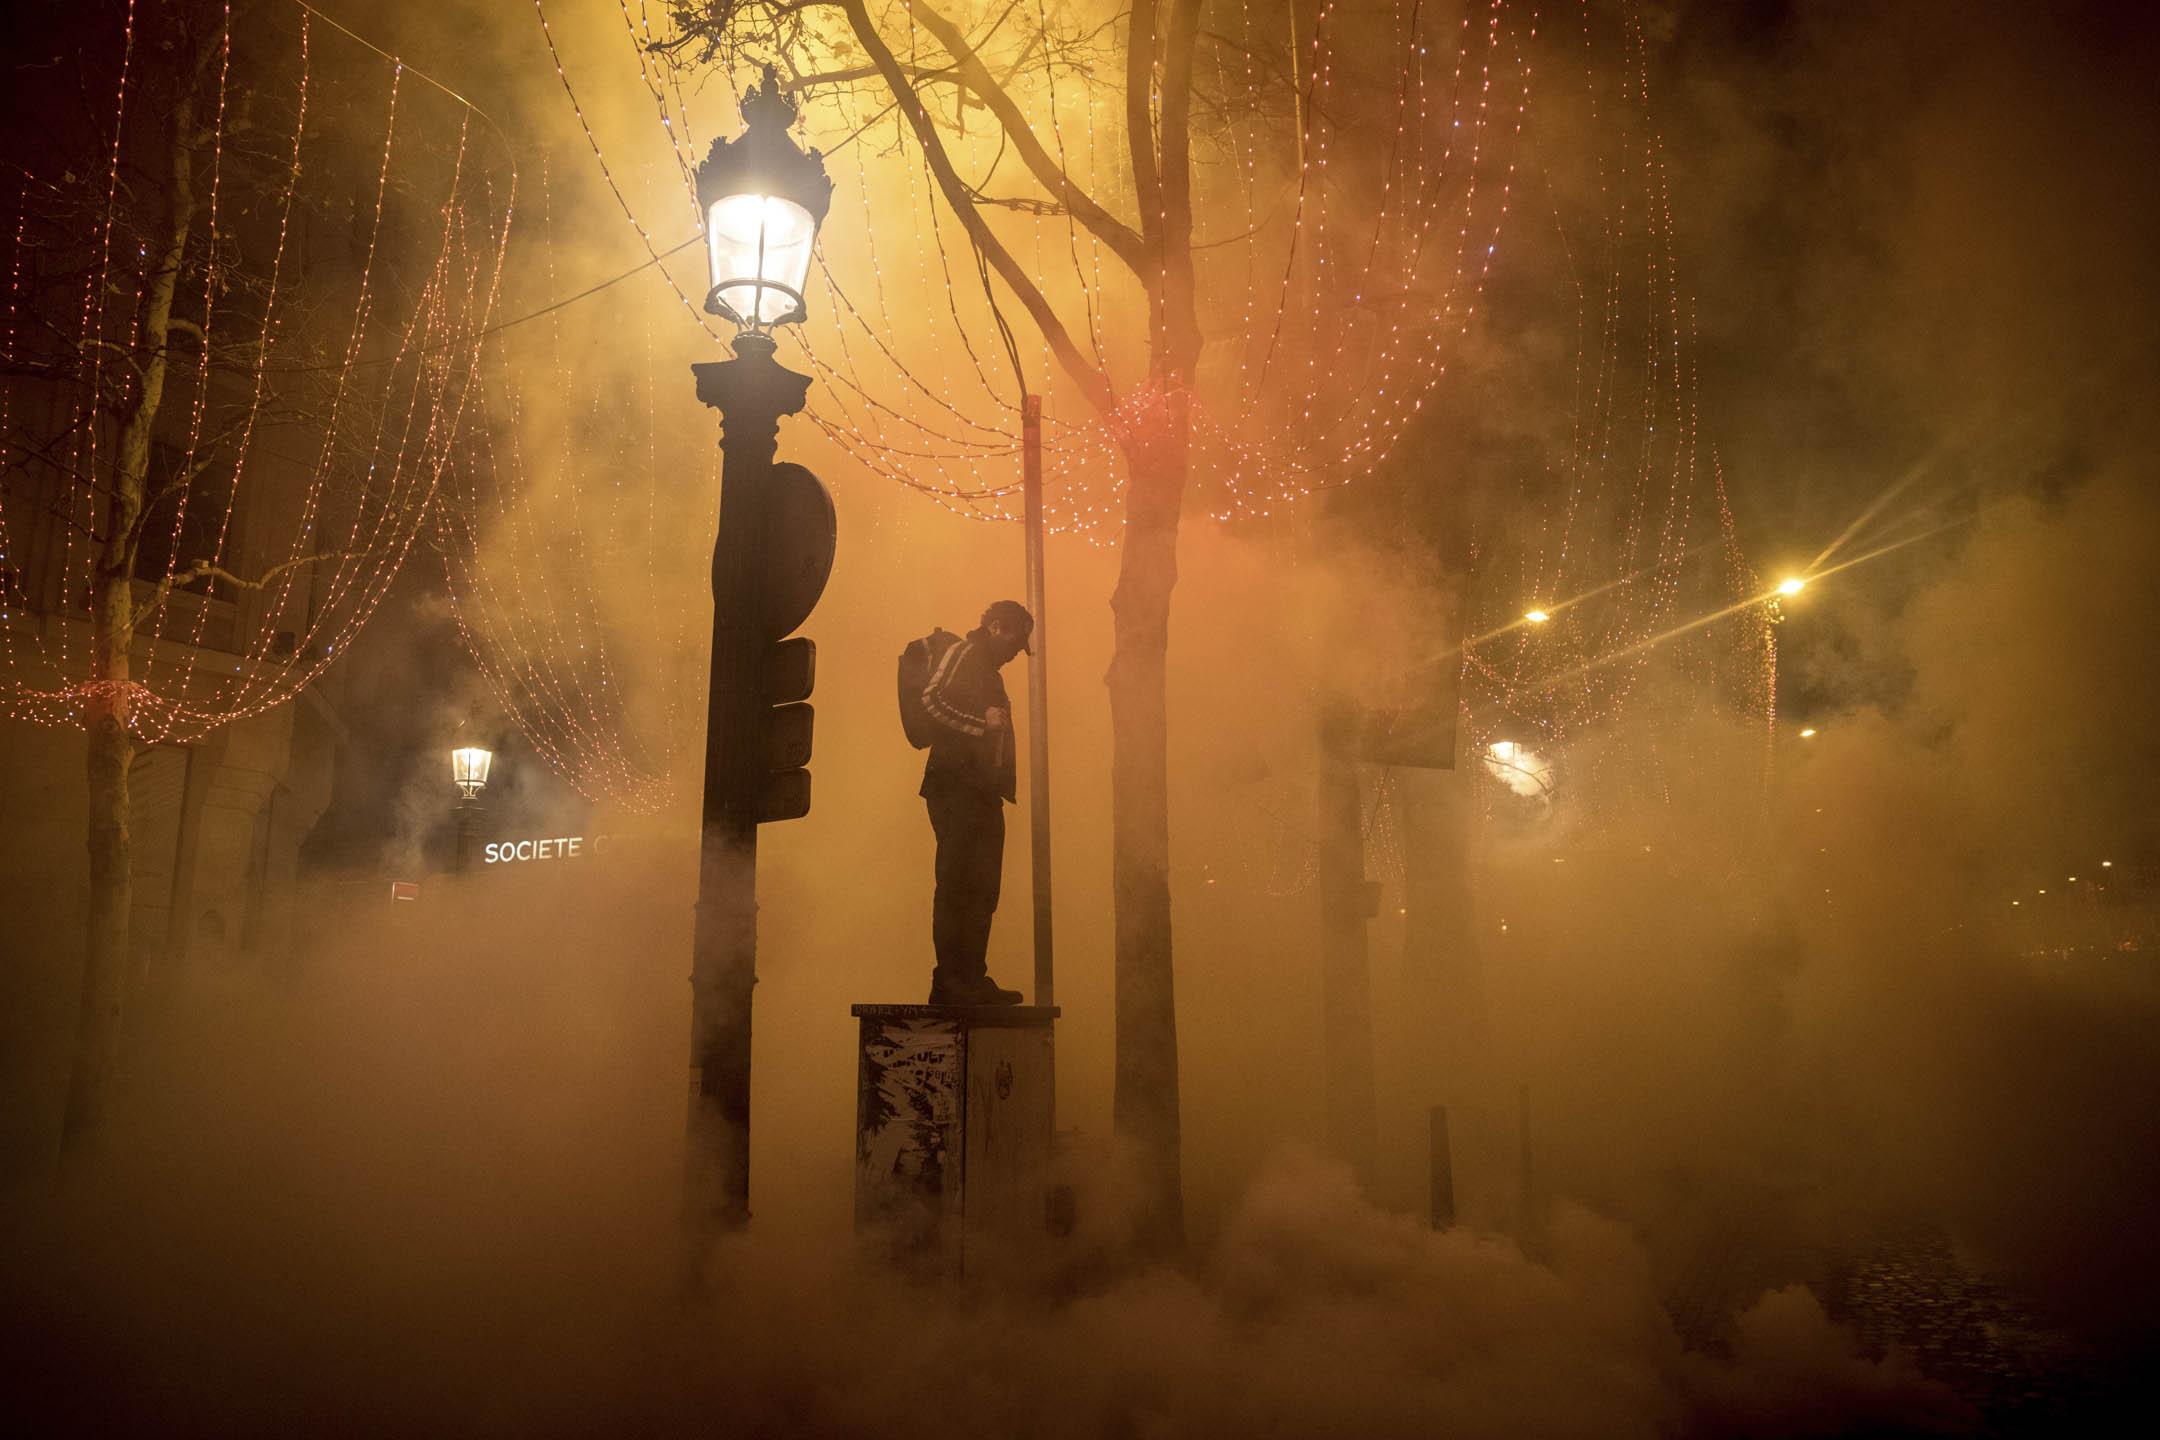 2018年12月8日,巴黎凱旋門附近的香榭麗舍大街上,一名示威者站在催淚氣體之中。